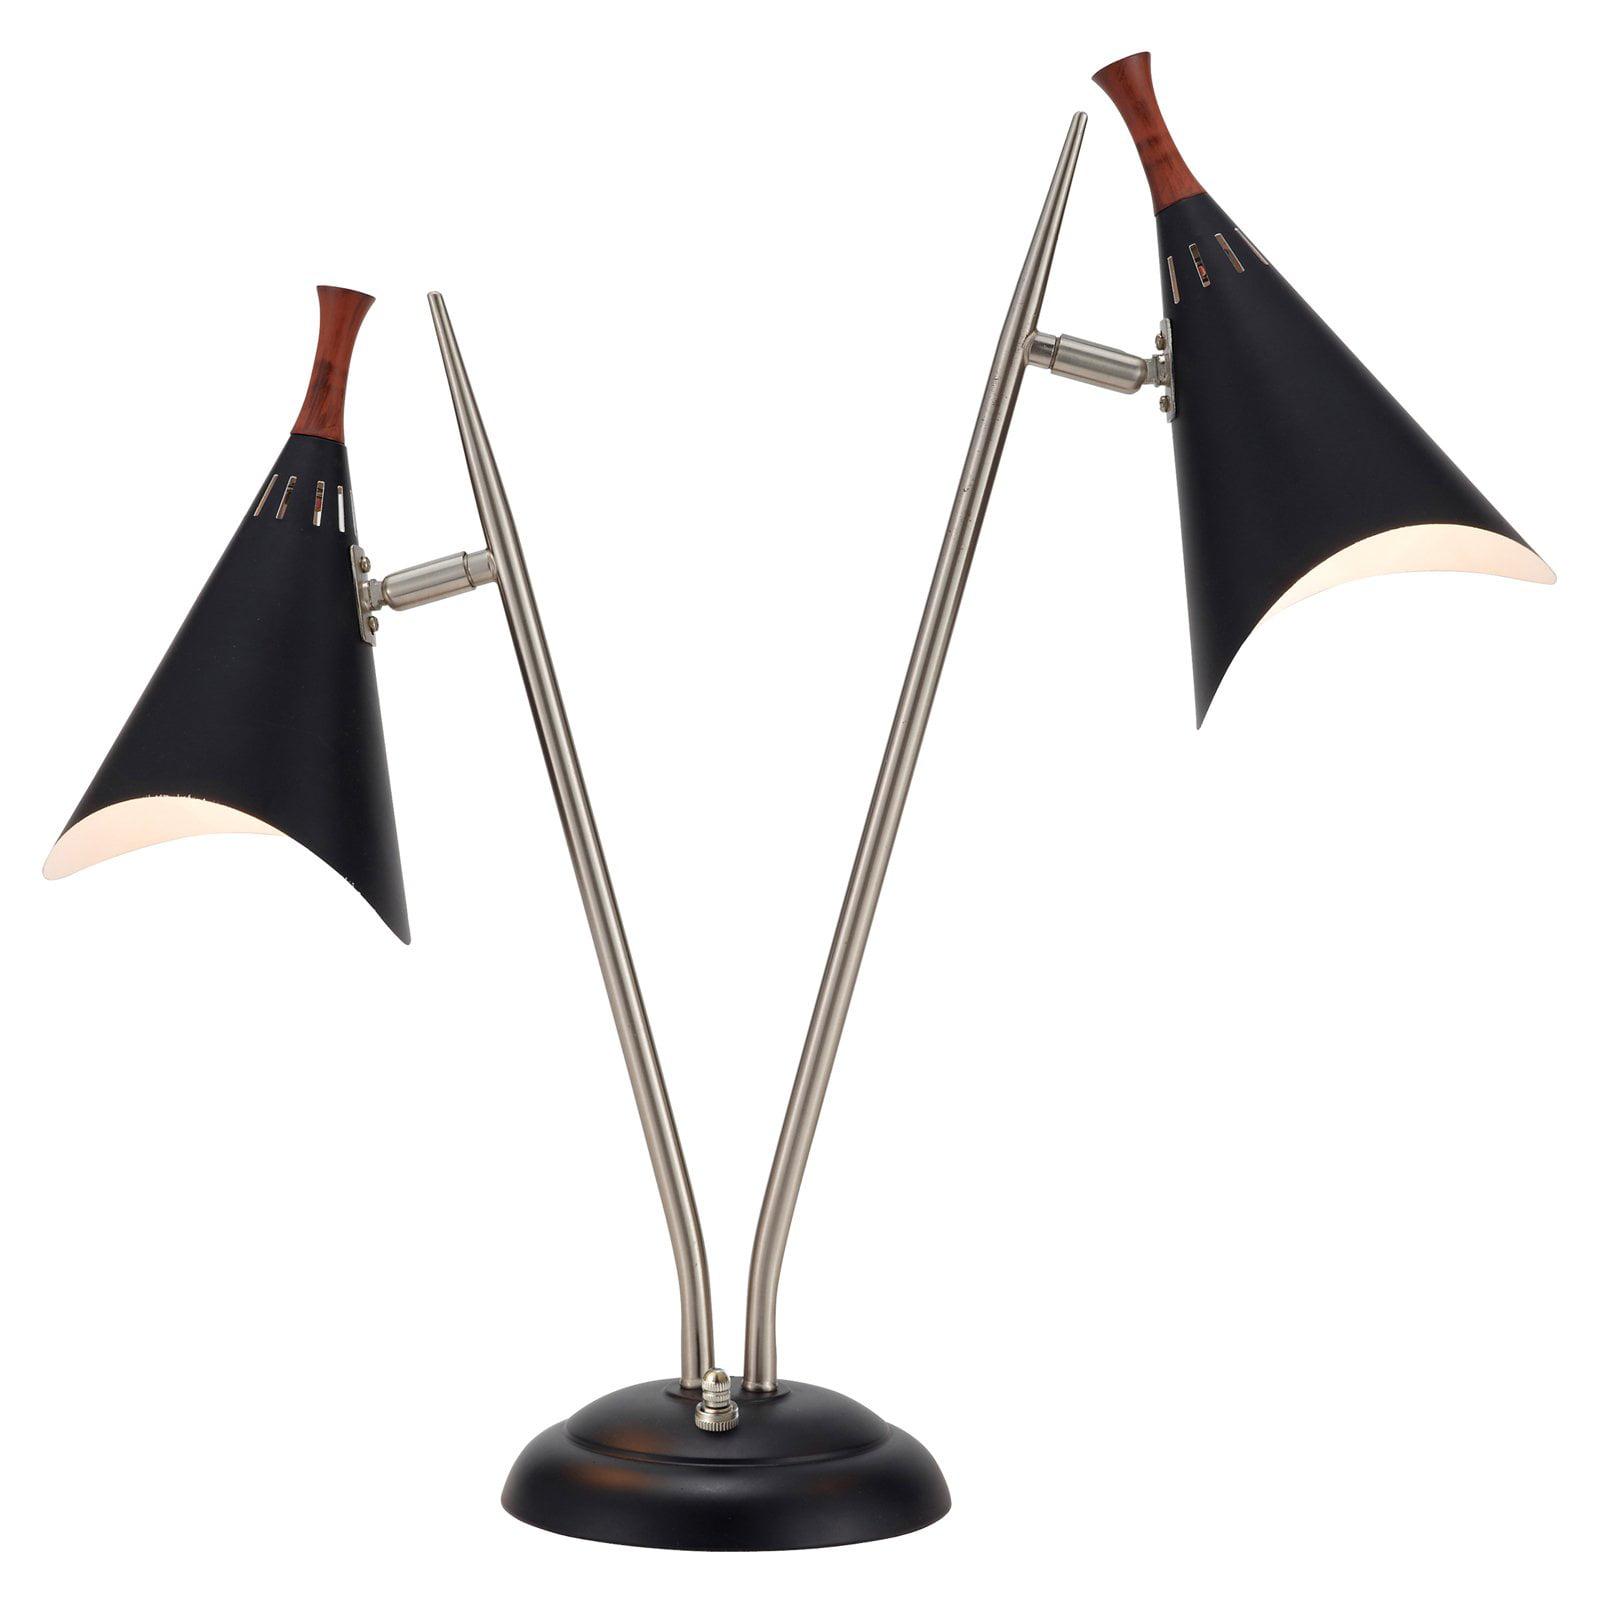 Adesso Draper 3235 Desk Lamp Black by Adesso